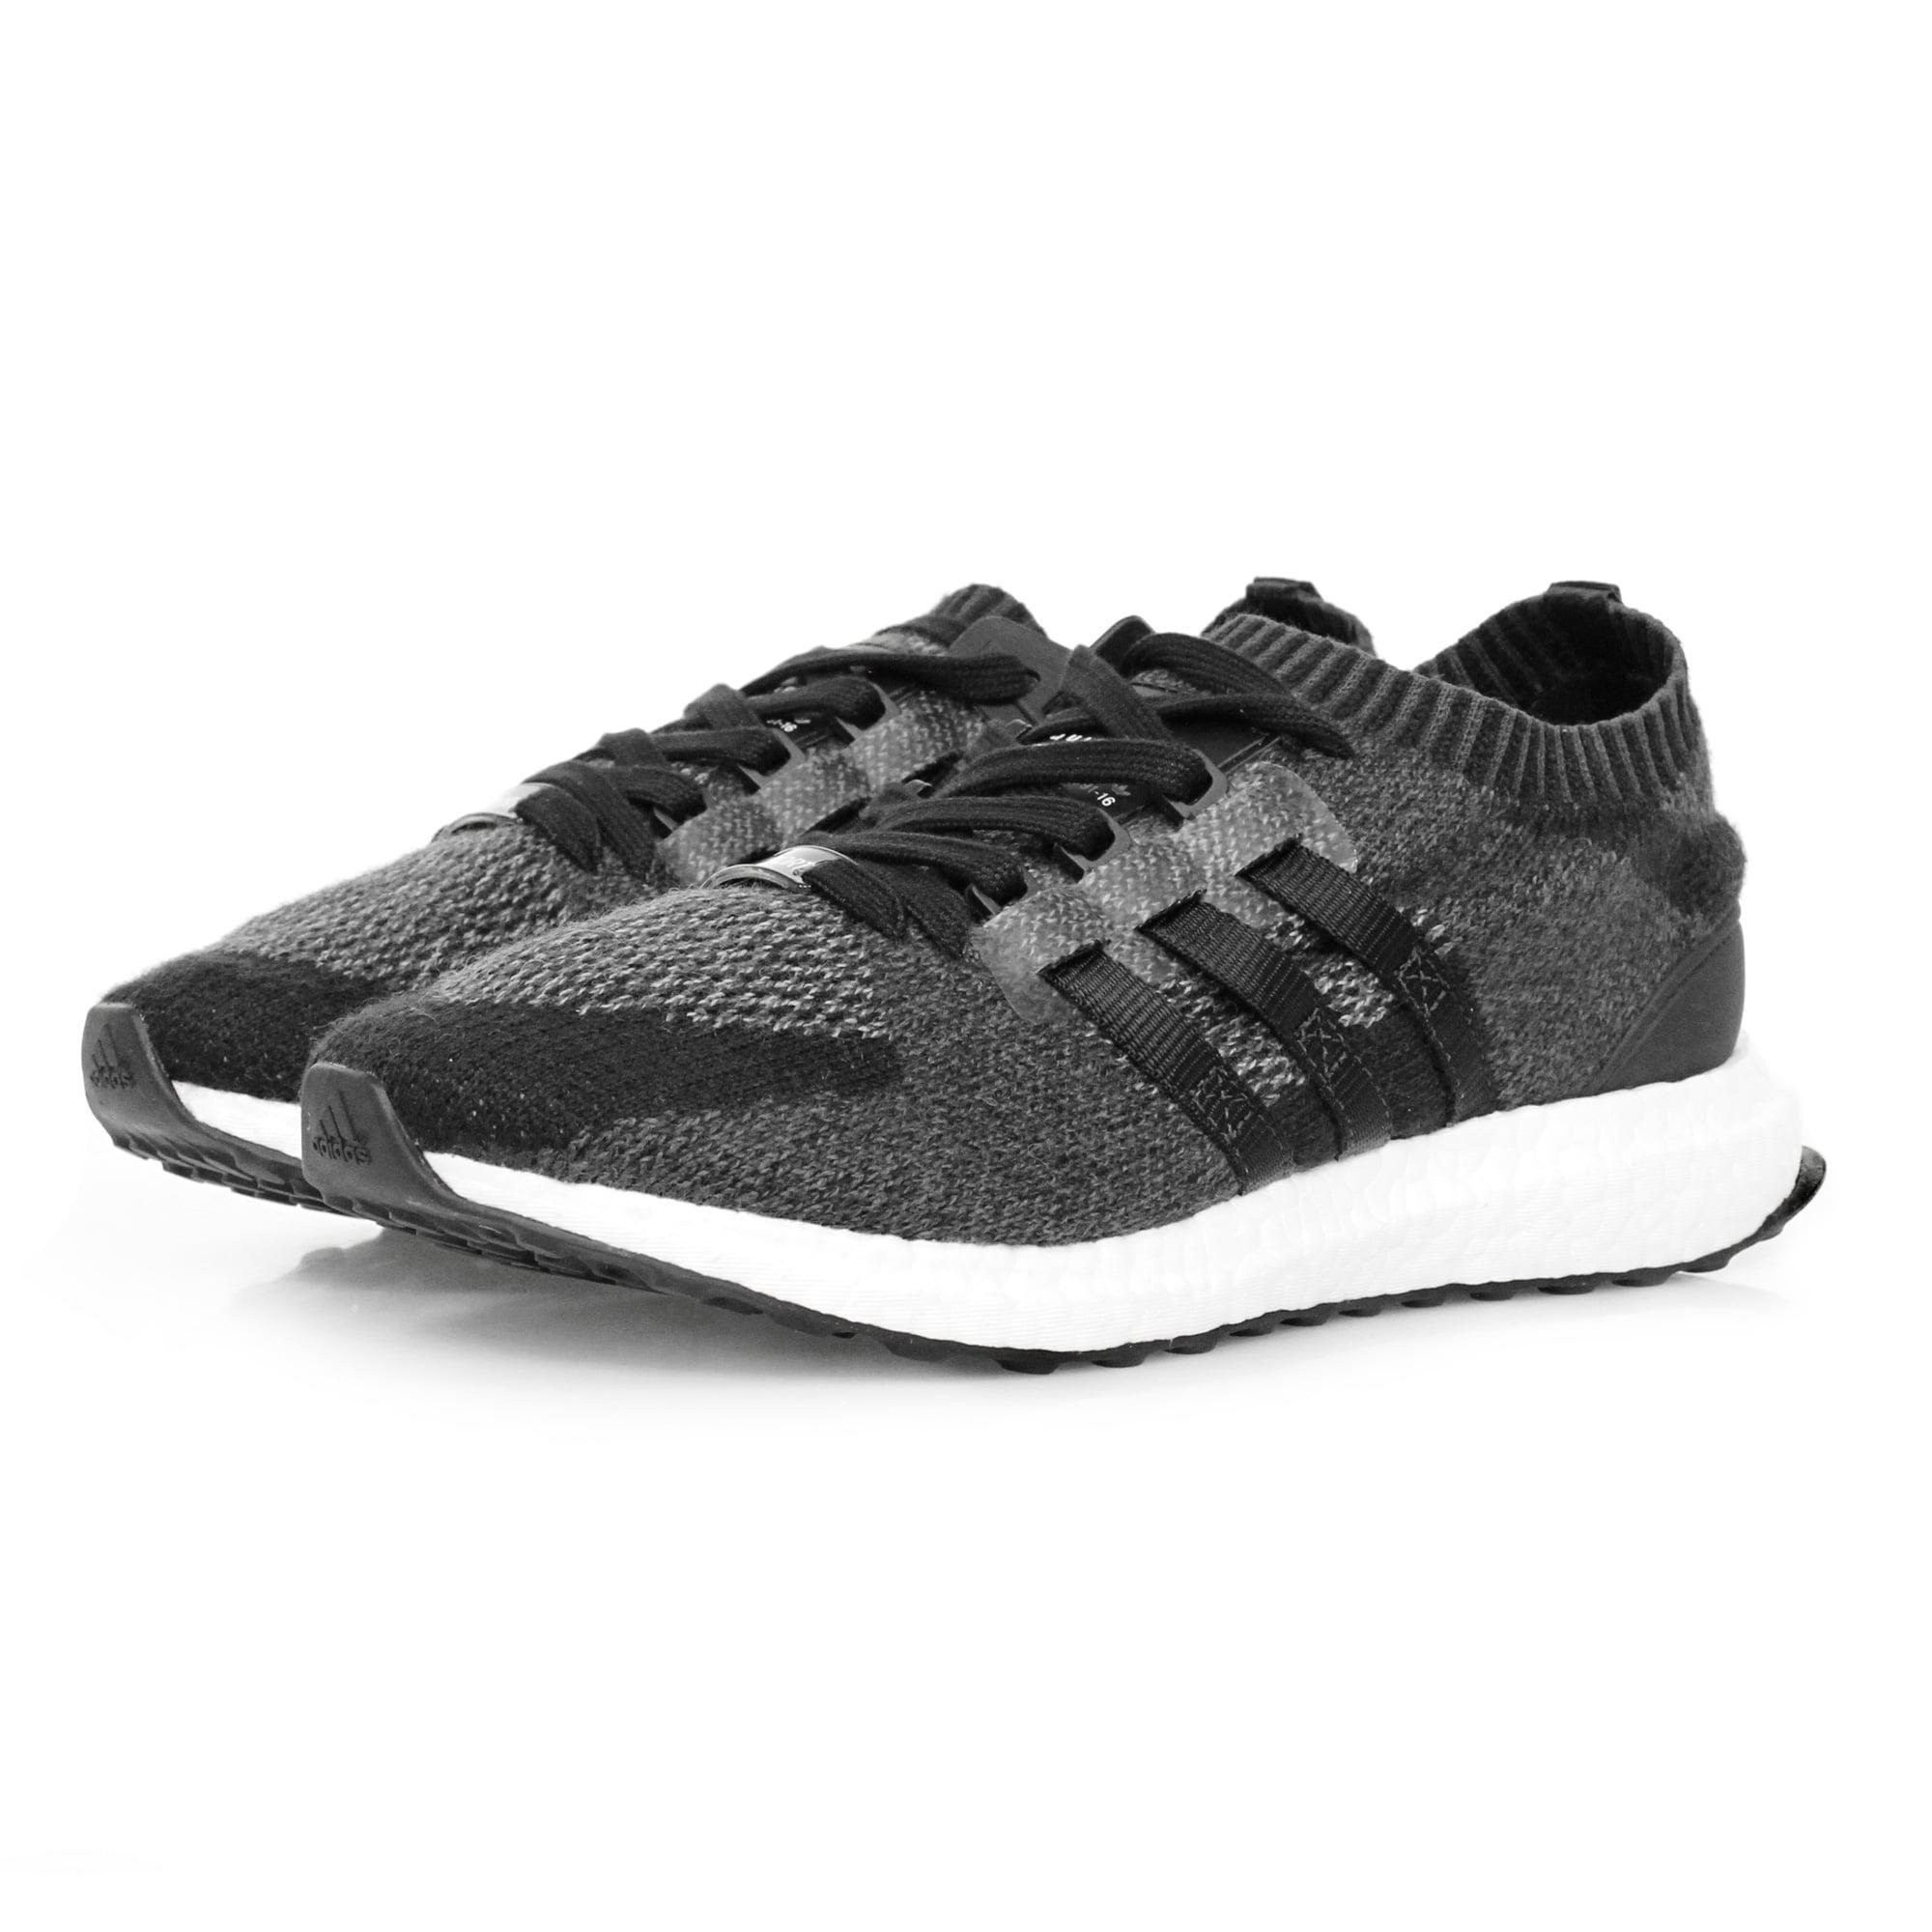 Lyst adidas Originals EQT Support ultra PK zapato negro en negro para